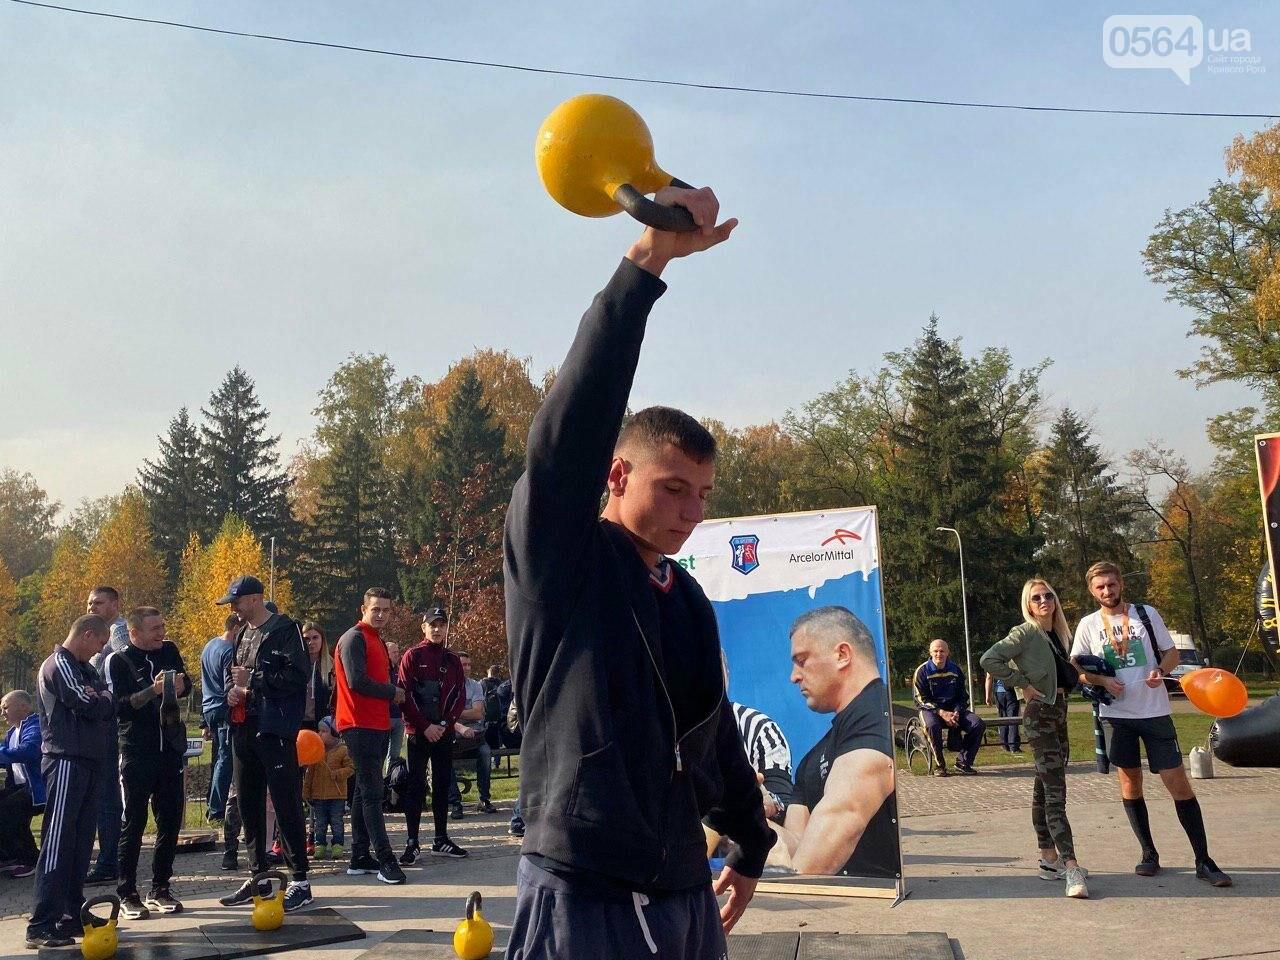 Сильные криворожские мужчины соревновались в поднятии гири, - ФОТО, ВИДЕО , фото-12